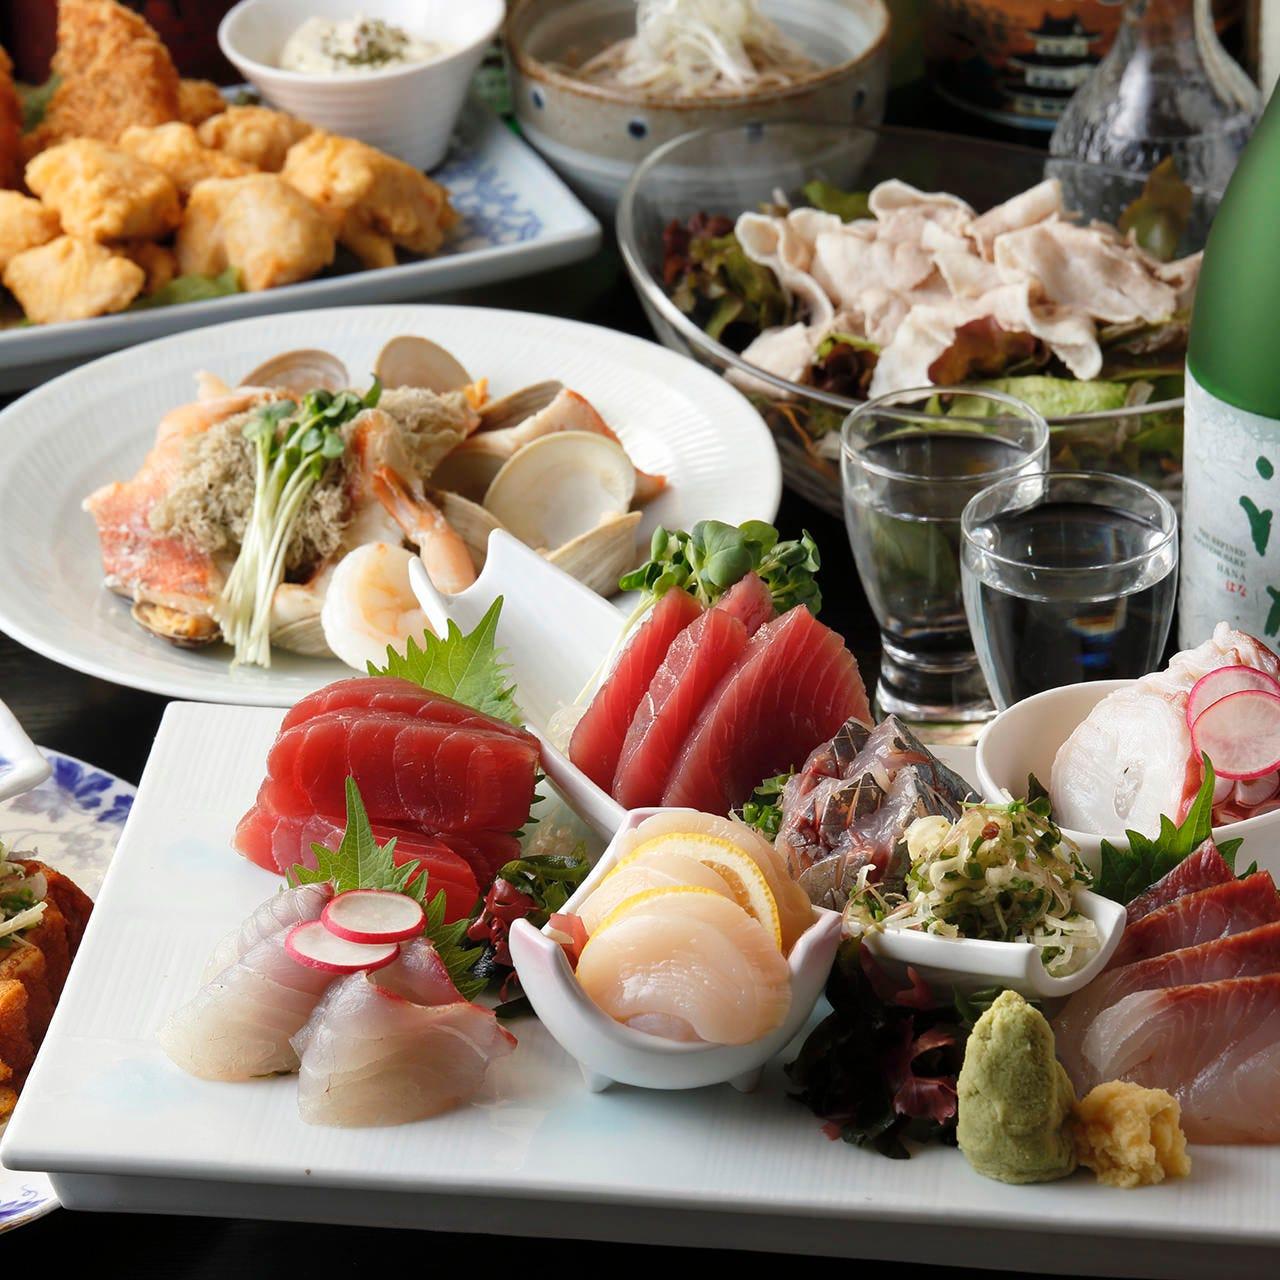 【お料理のみ】鮮度抜群のお刺身盛り合わせやオードブルなど大満足の『おはなのご宴会特別コース』(全7品)